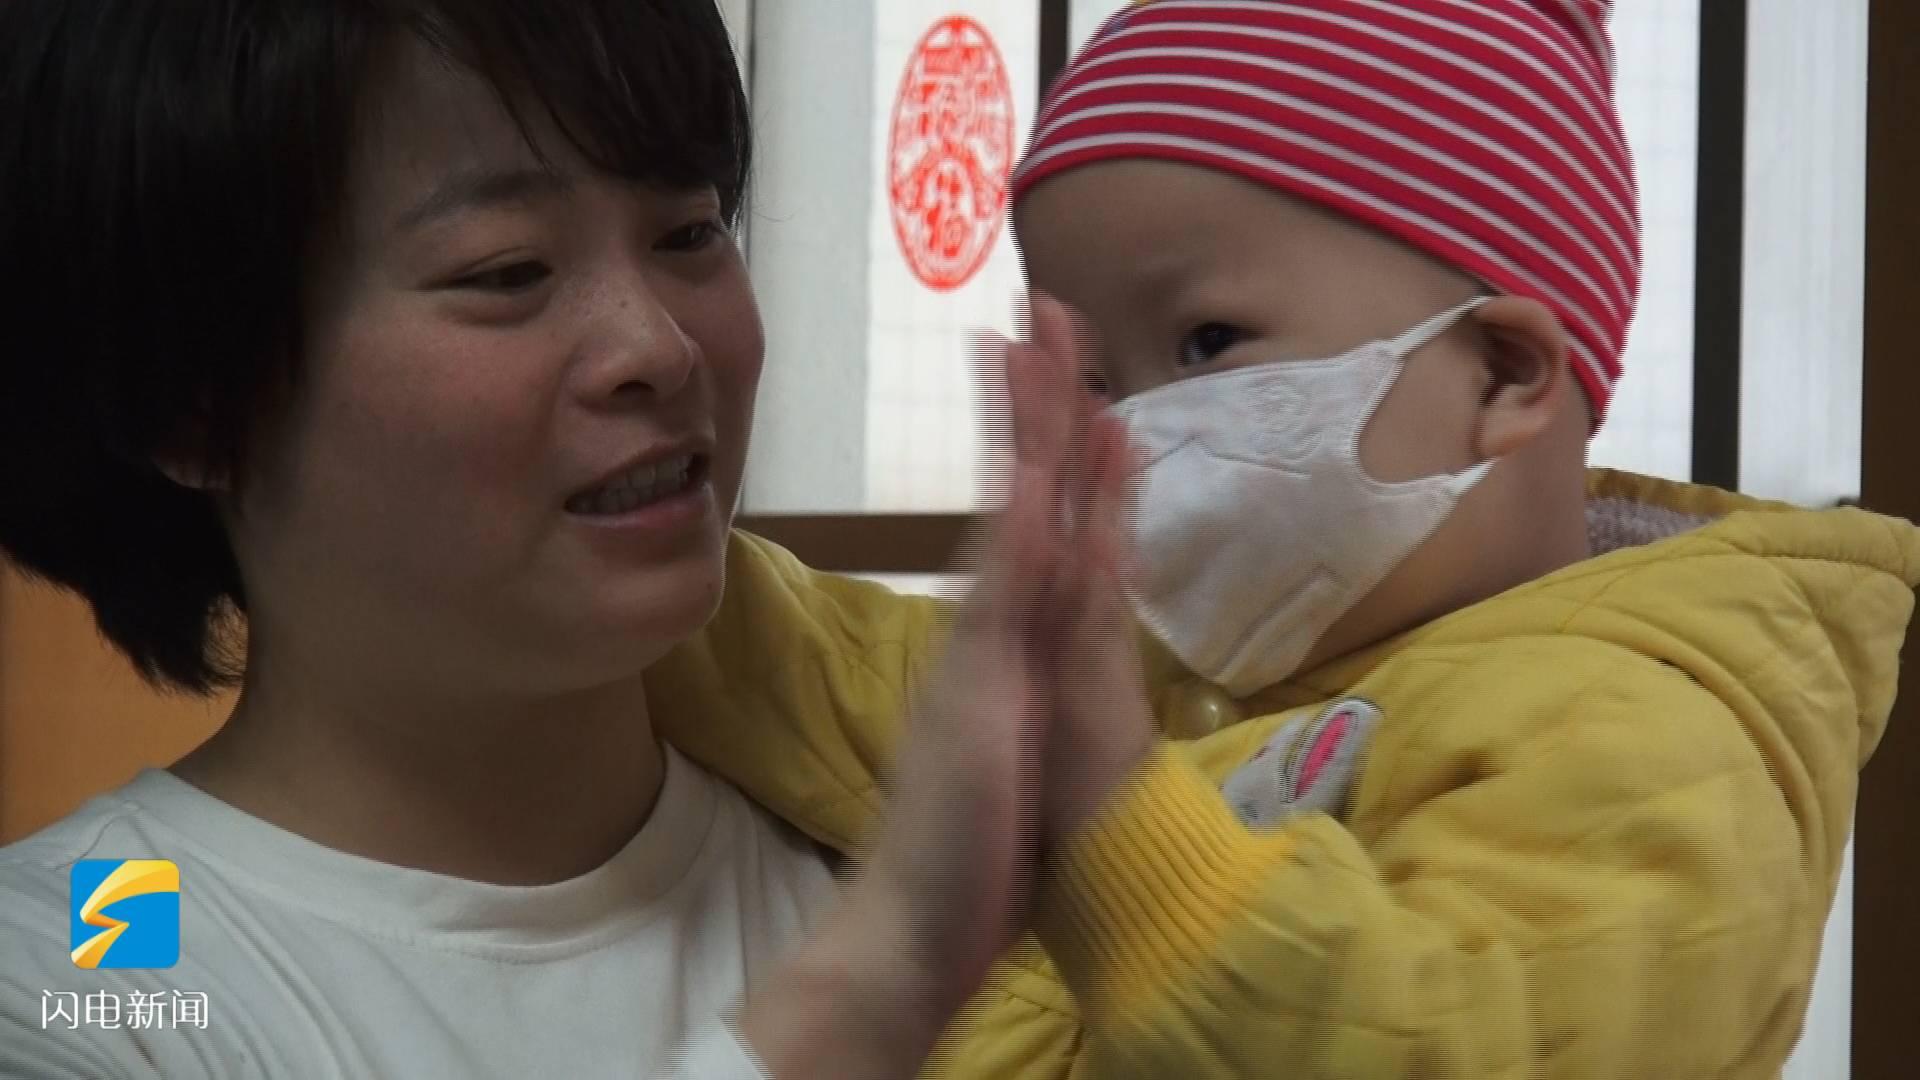 """79秒丨济南""""袋鼠妈妈""""背起2岁病娃送外卖 背后故事令人泪目"""